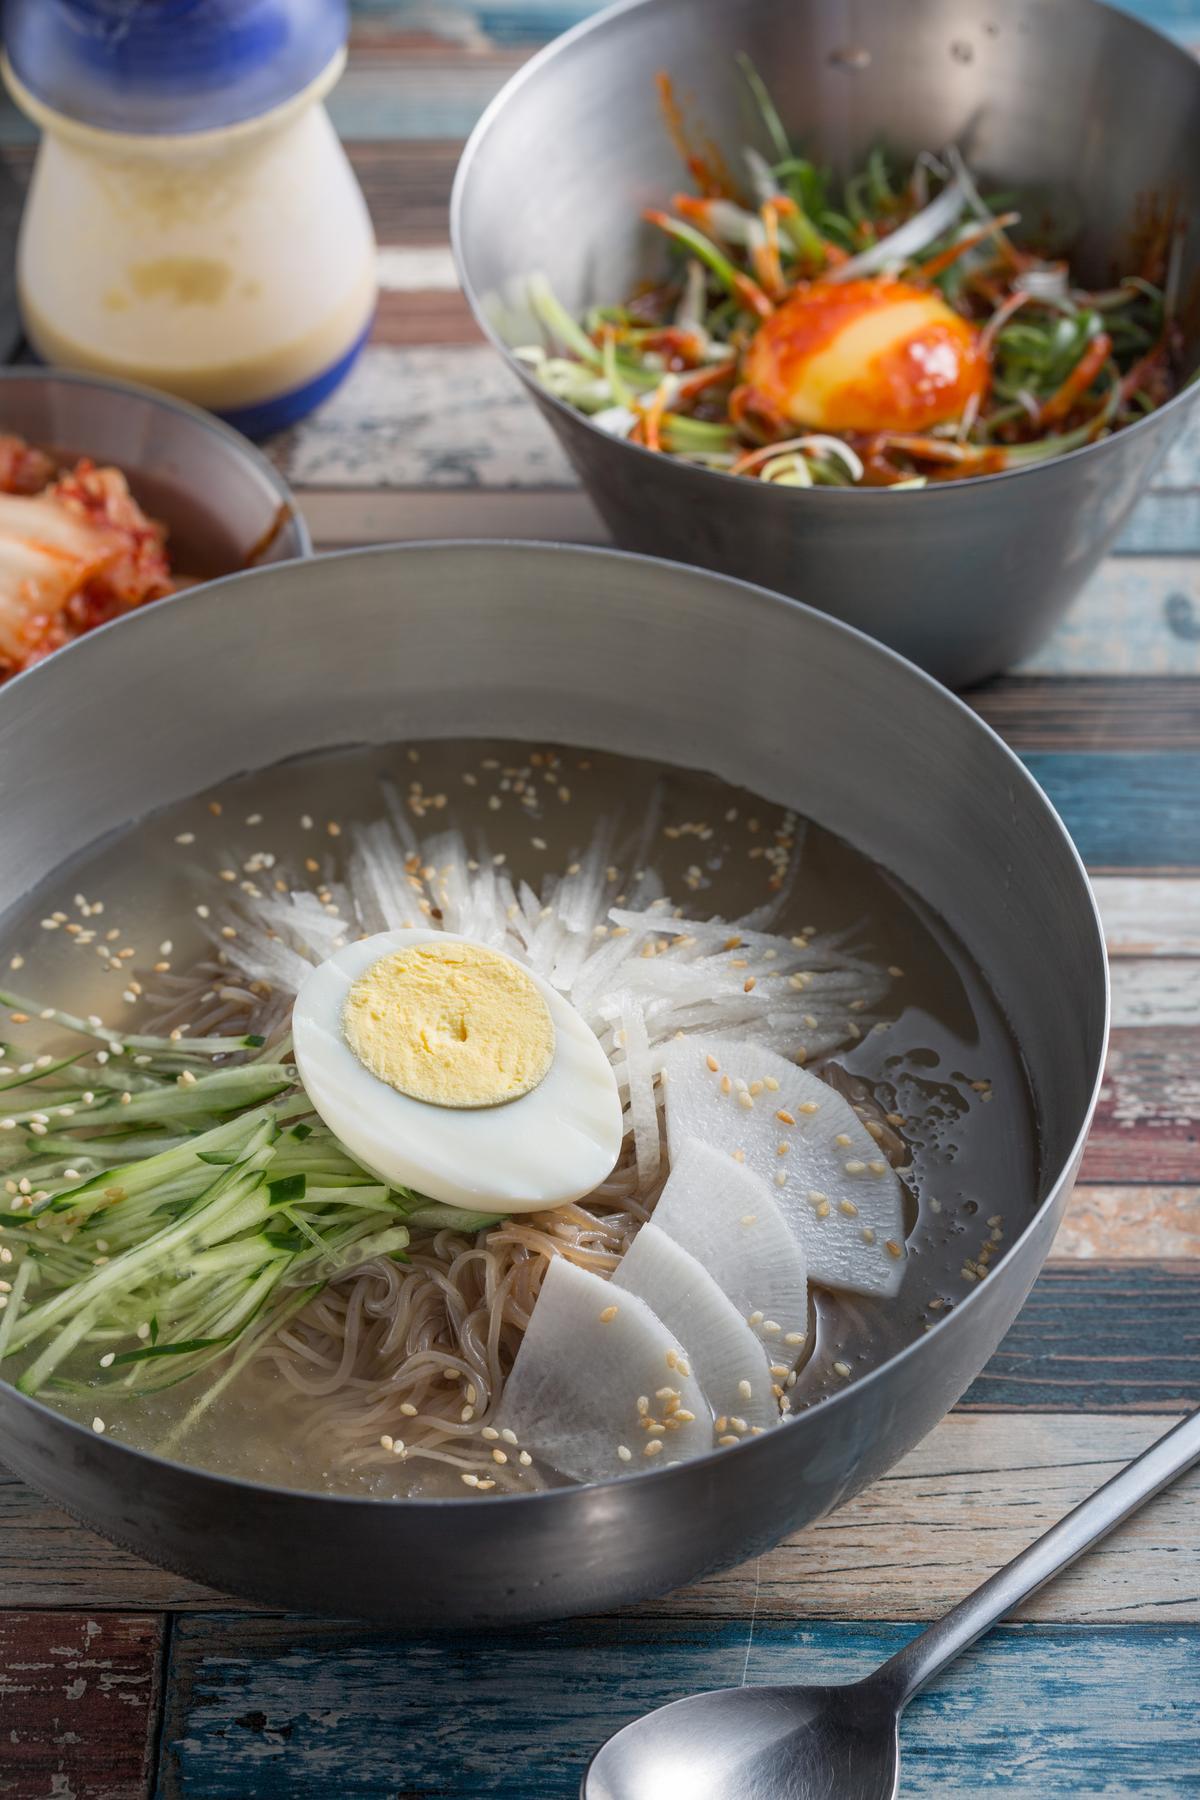 「韓式冷湯麵」的湯汁是用牛骨高湯和汽水調成,再用機器打成冰沙狀,冰涼爽口又酸溜開胃。(160元/碗)